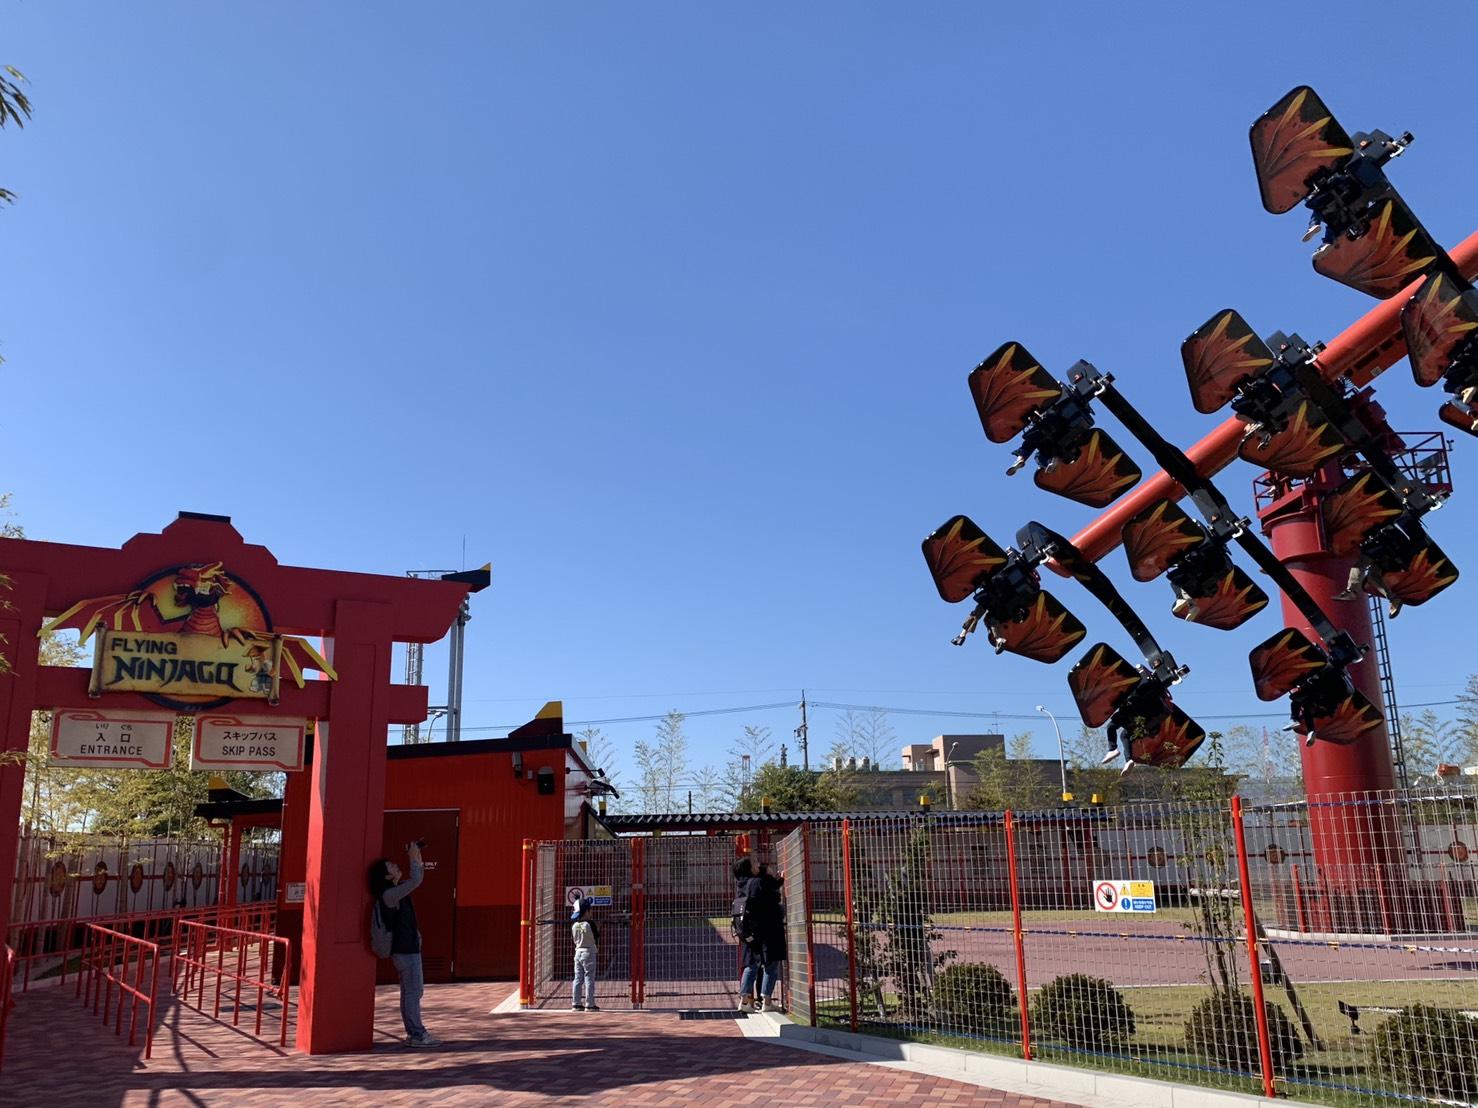 忍者園區最著名的遊樂設施幻影忍者降龍飛天